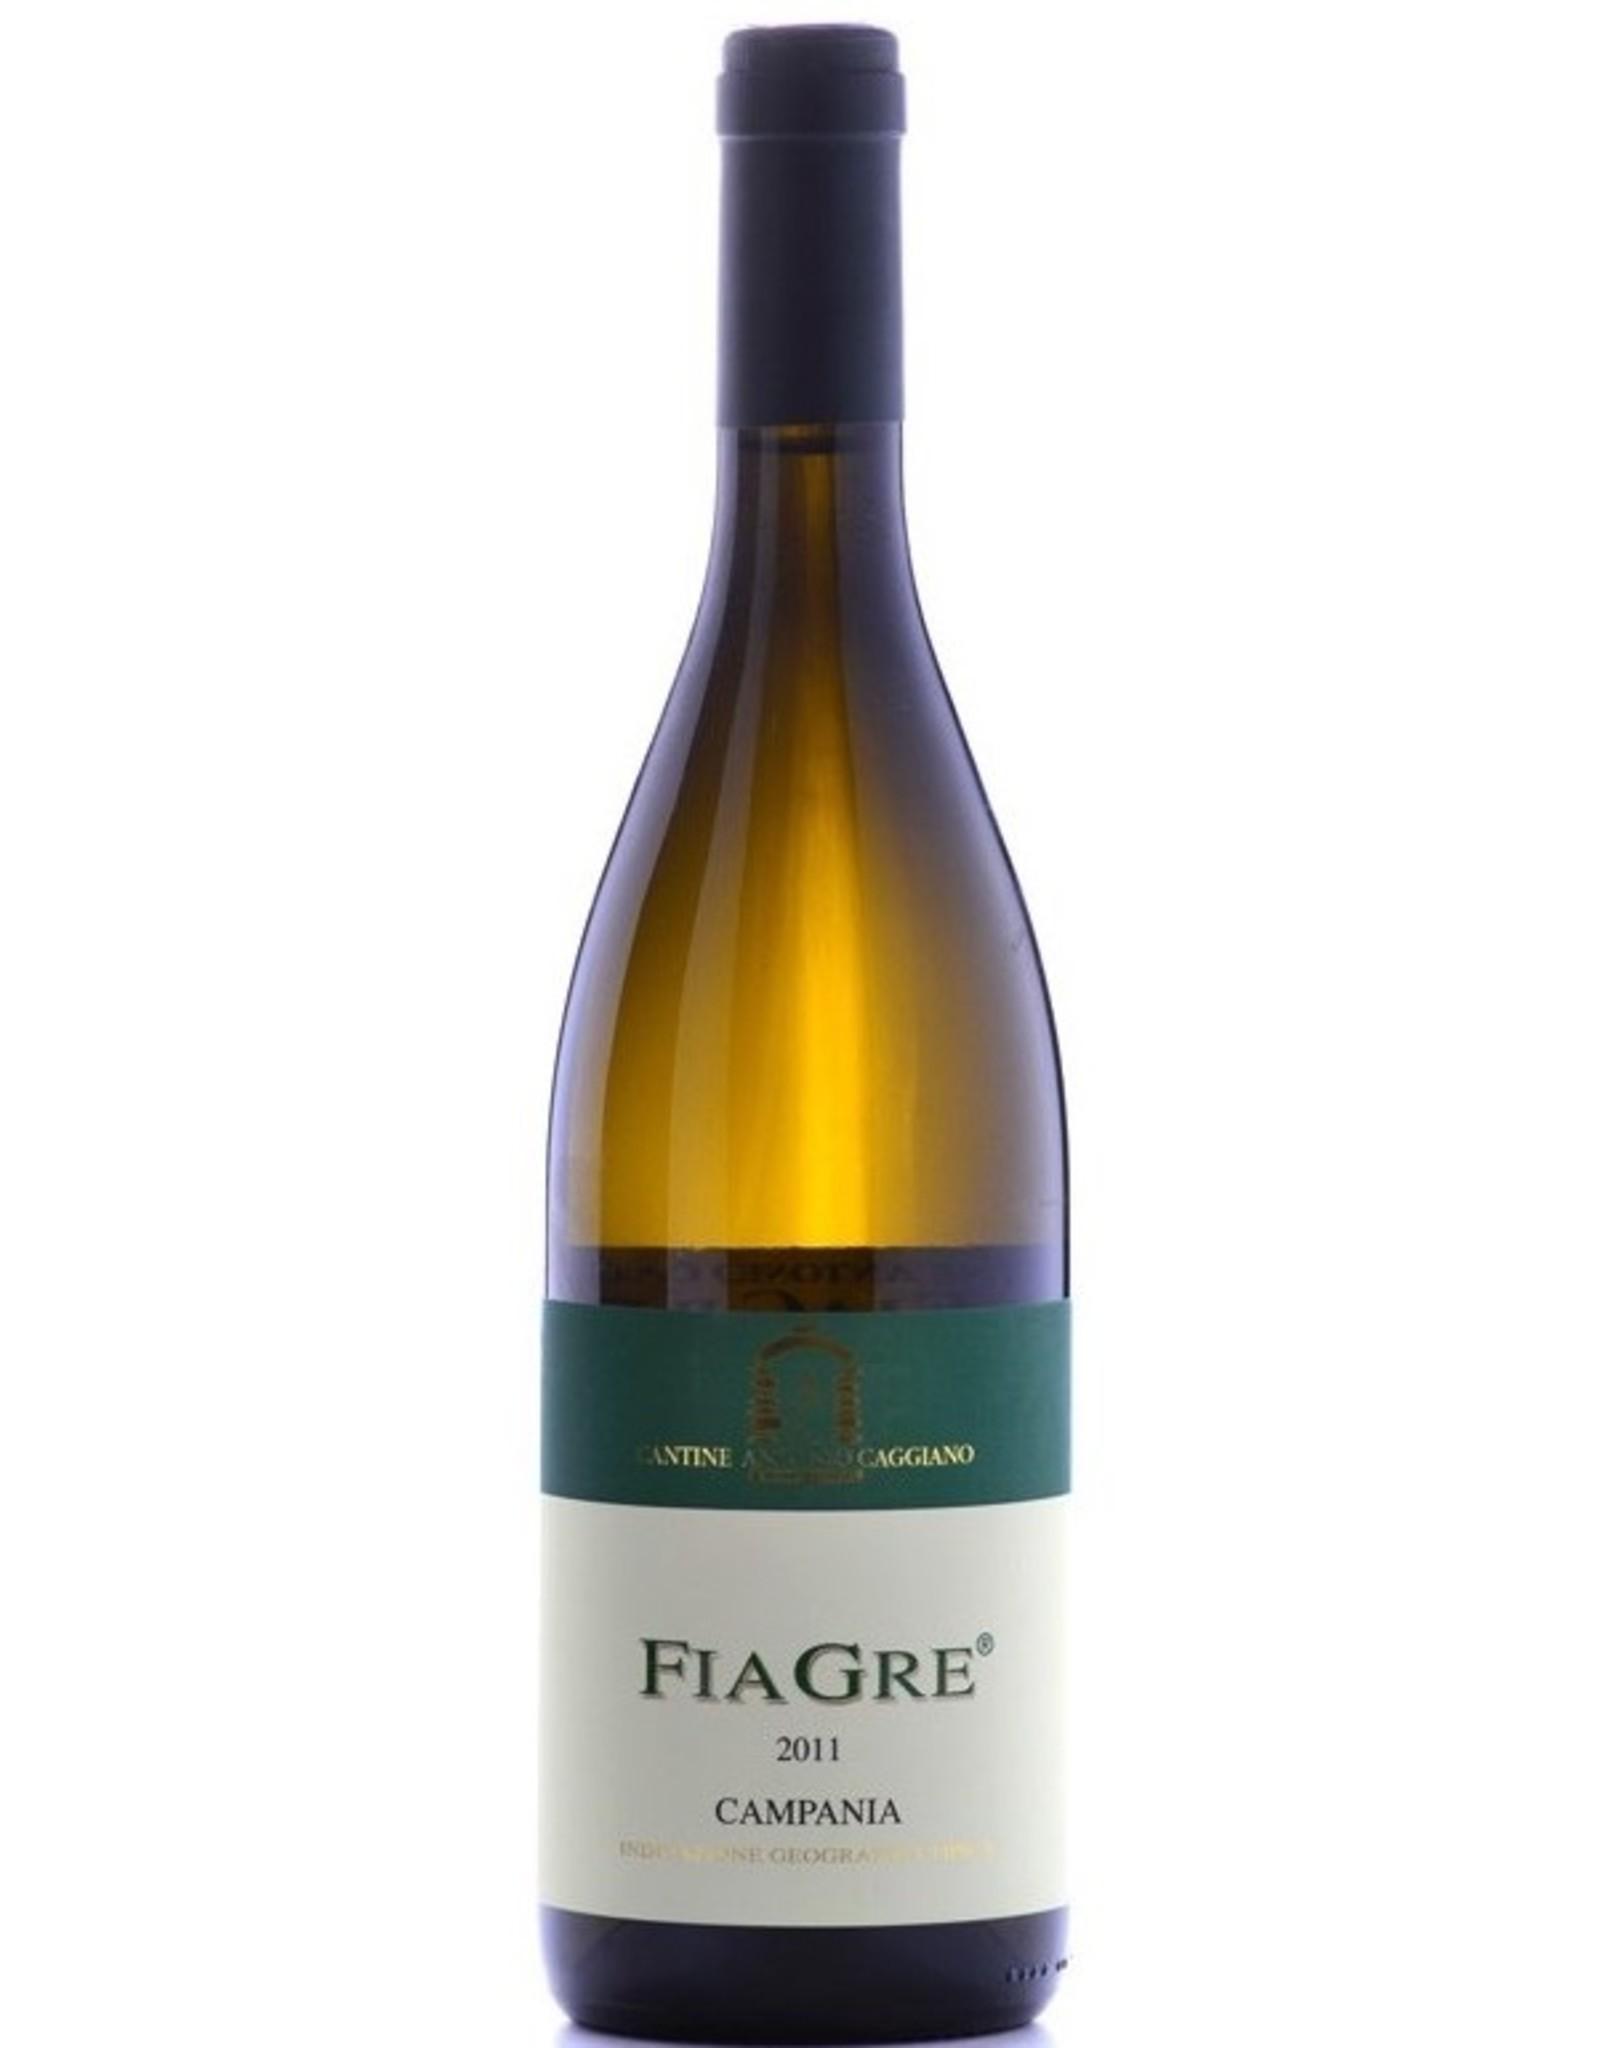 White Wine 2011, Antonio Caggiano FiaGre (Fiano & Greco), Rare White Blend, Campania IGT, Amalfi Coast, Italy, 13.5% Alc, CTnr, TW90